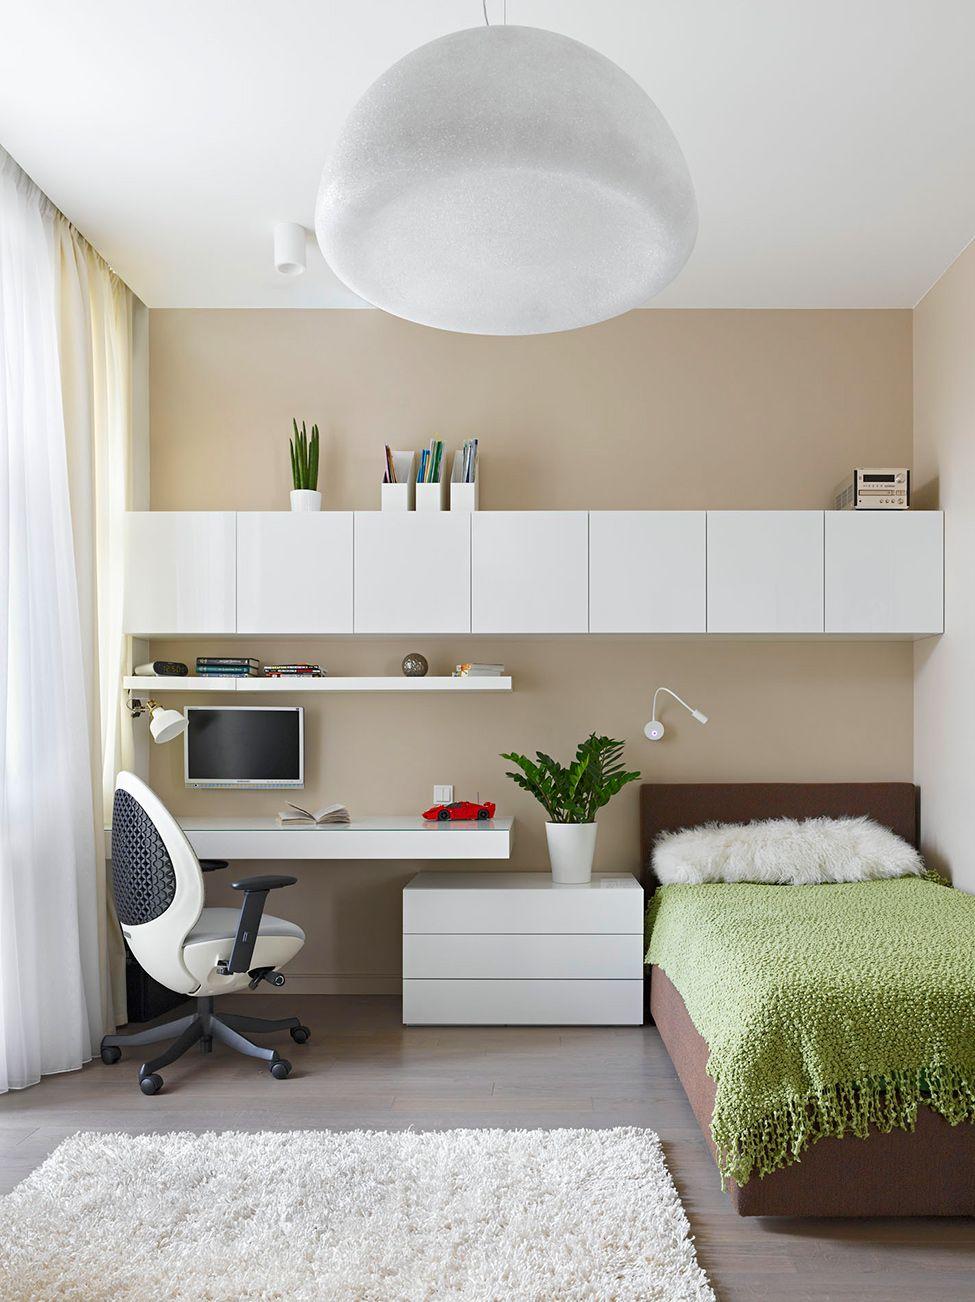 JUGENDZIMMER IN WEIß, BEIGE UND GRÜN   Kleine Schlafzimmer, Bilder  Schlafzimmer, Romantisches